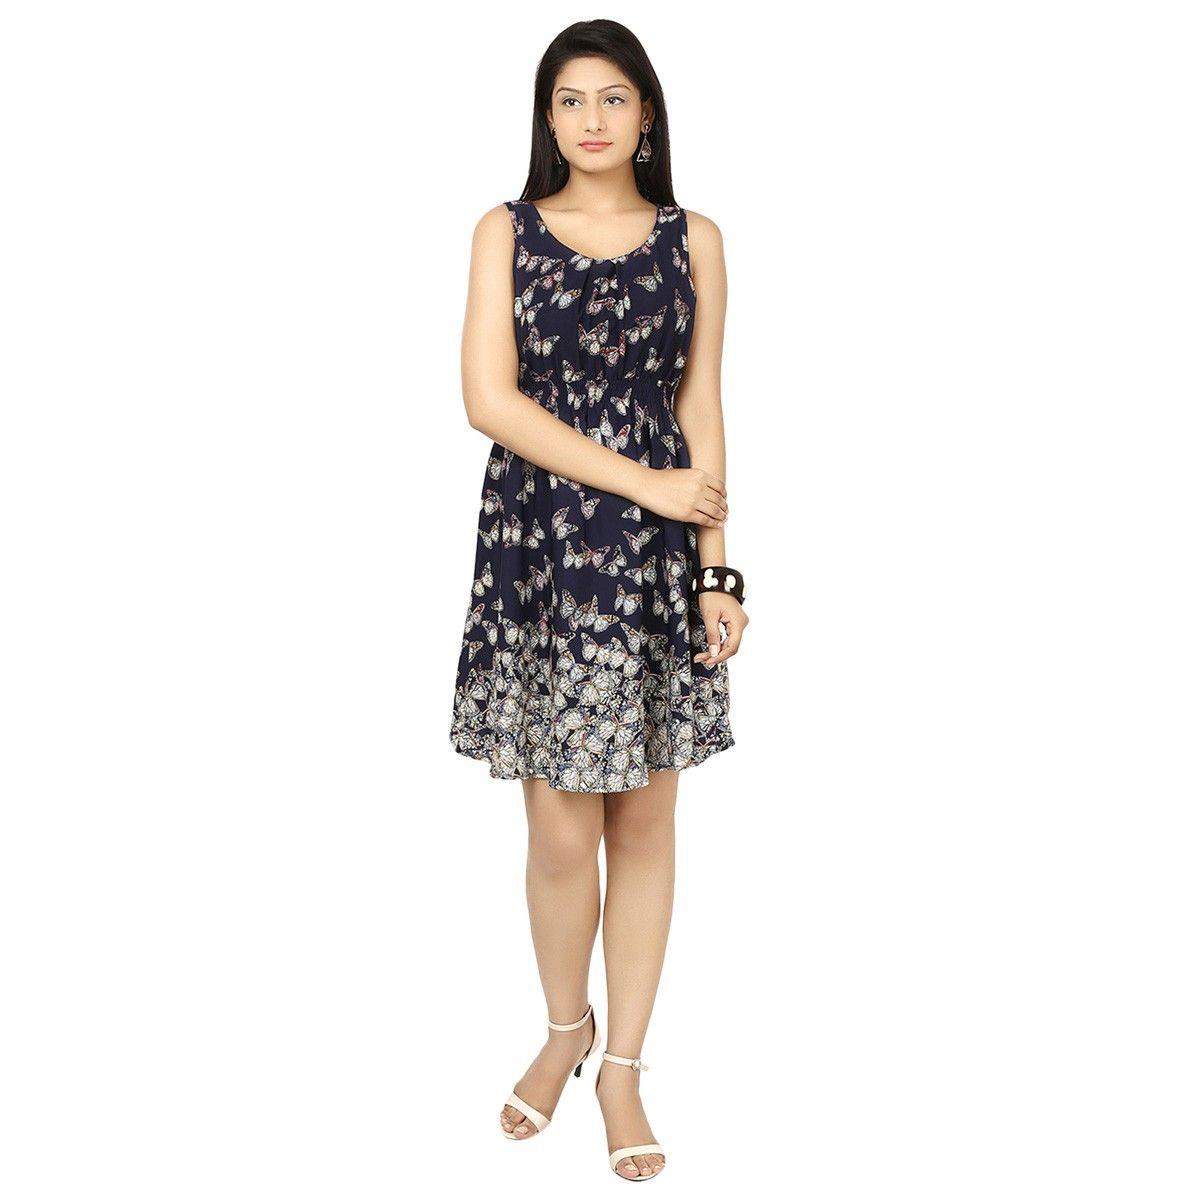 fe166af483 Crepe Black Printed Frock Style Dress - 1052B